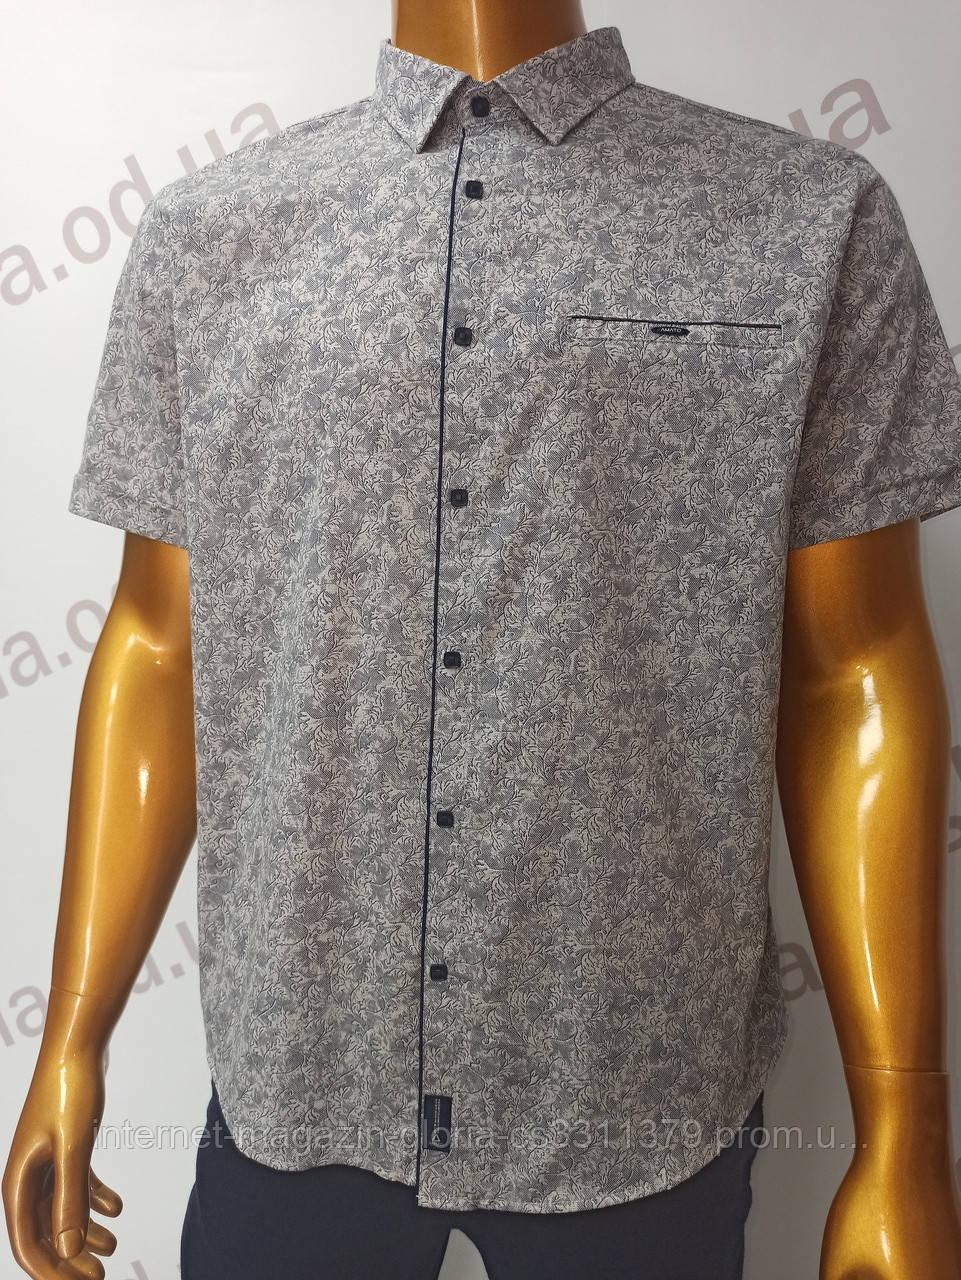 Мужская рубашка Amato. AG29836r. Размеры: 2XL,3XL,4XL,5XL.